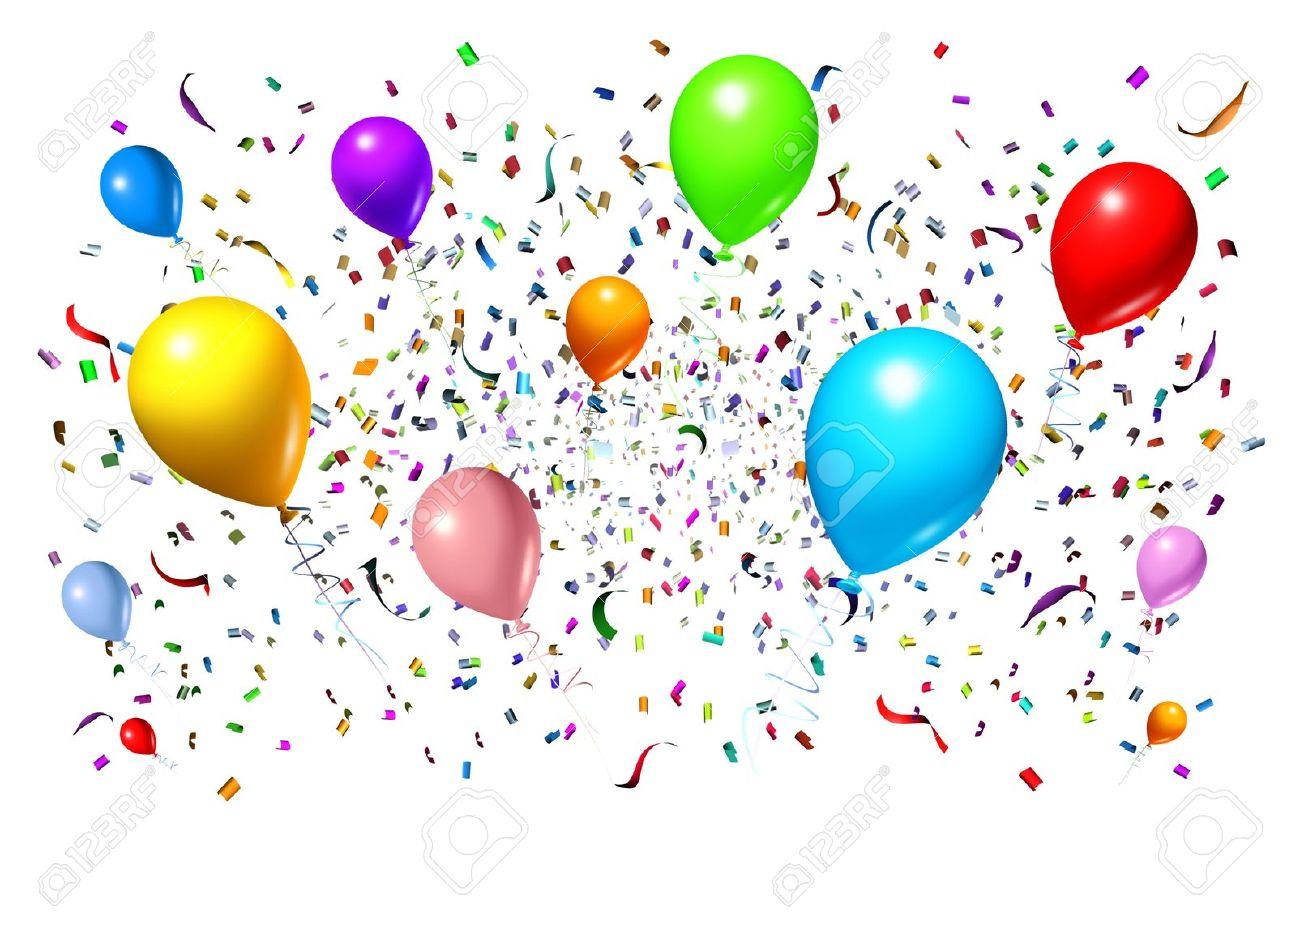 La Celebración Y El Diseño De Fiesta Con Globos De Fiesta Flotan Con  Confeti Y Serpentinas Como Un Símbolo De Diversión Una Celebración De  Cumpleaños O ... eb9c98b9f4d